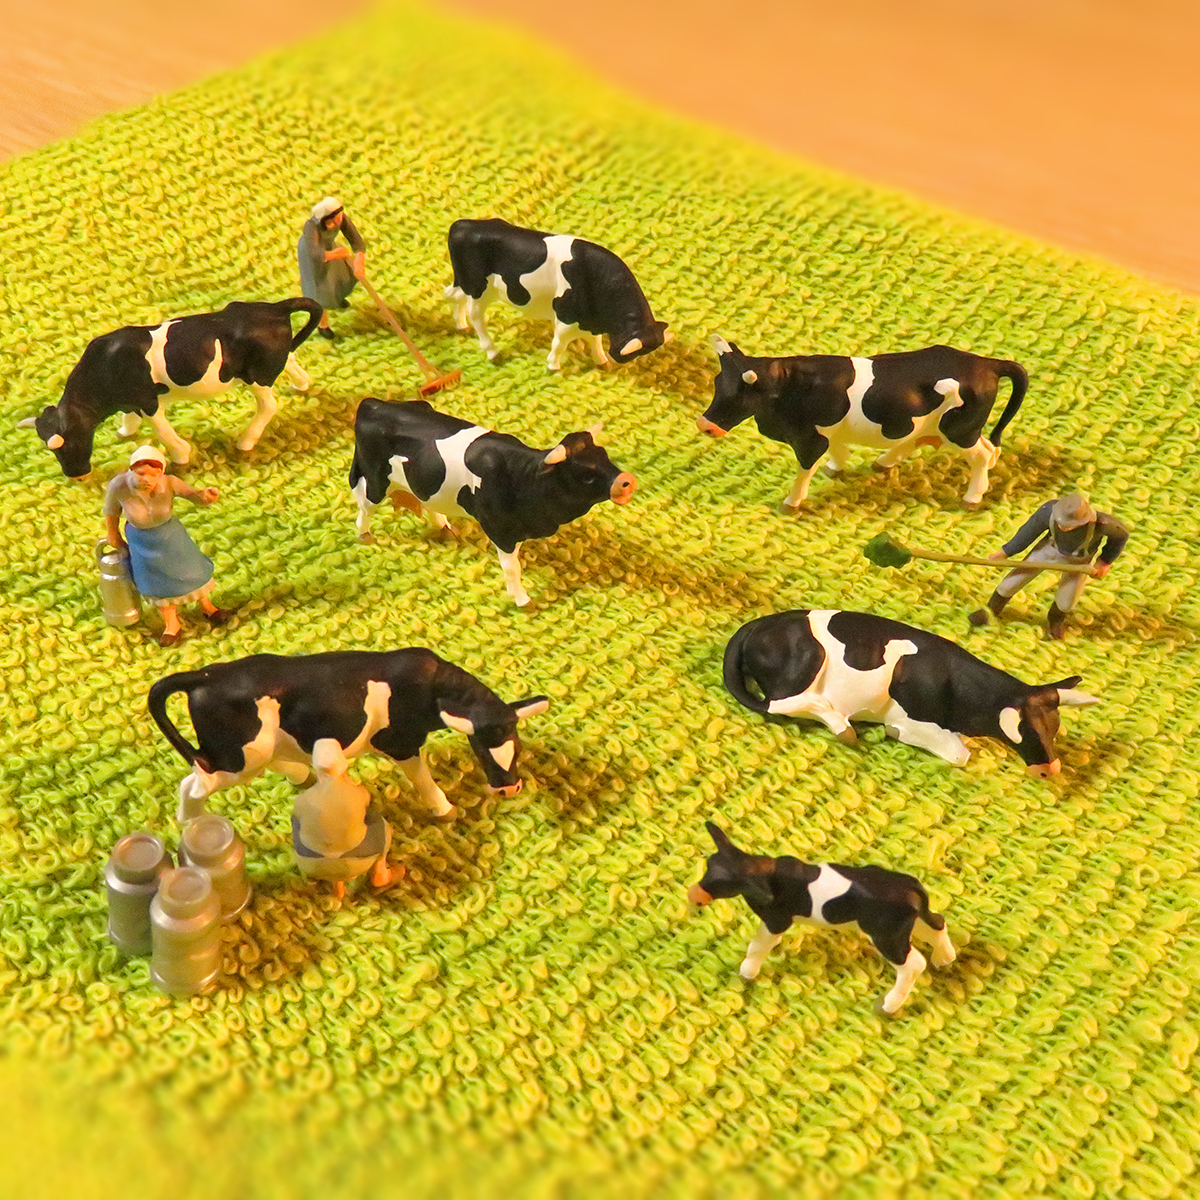 緑のタオル牧場で飼育されてる乳牛と乳絞りする酪農家